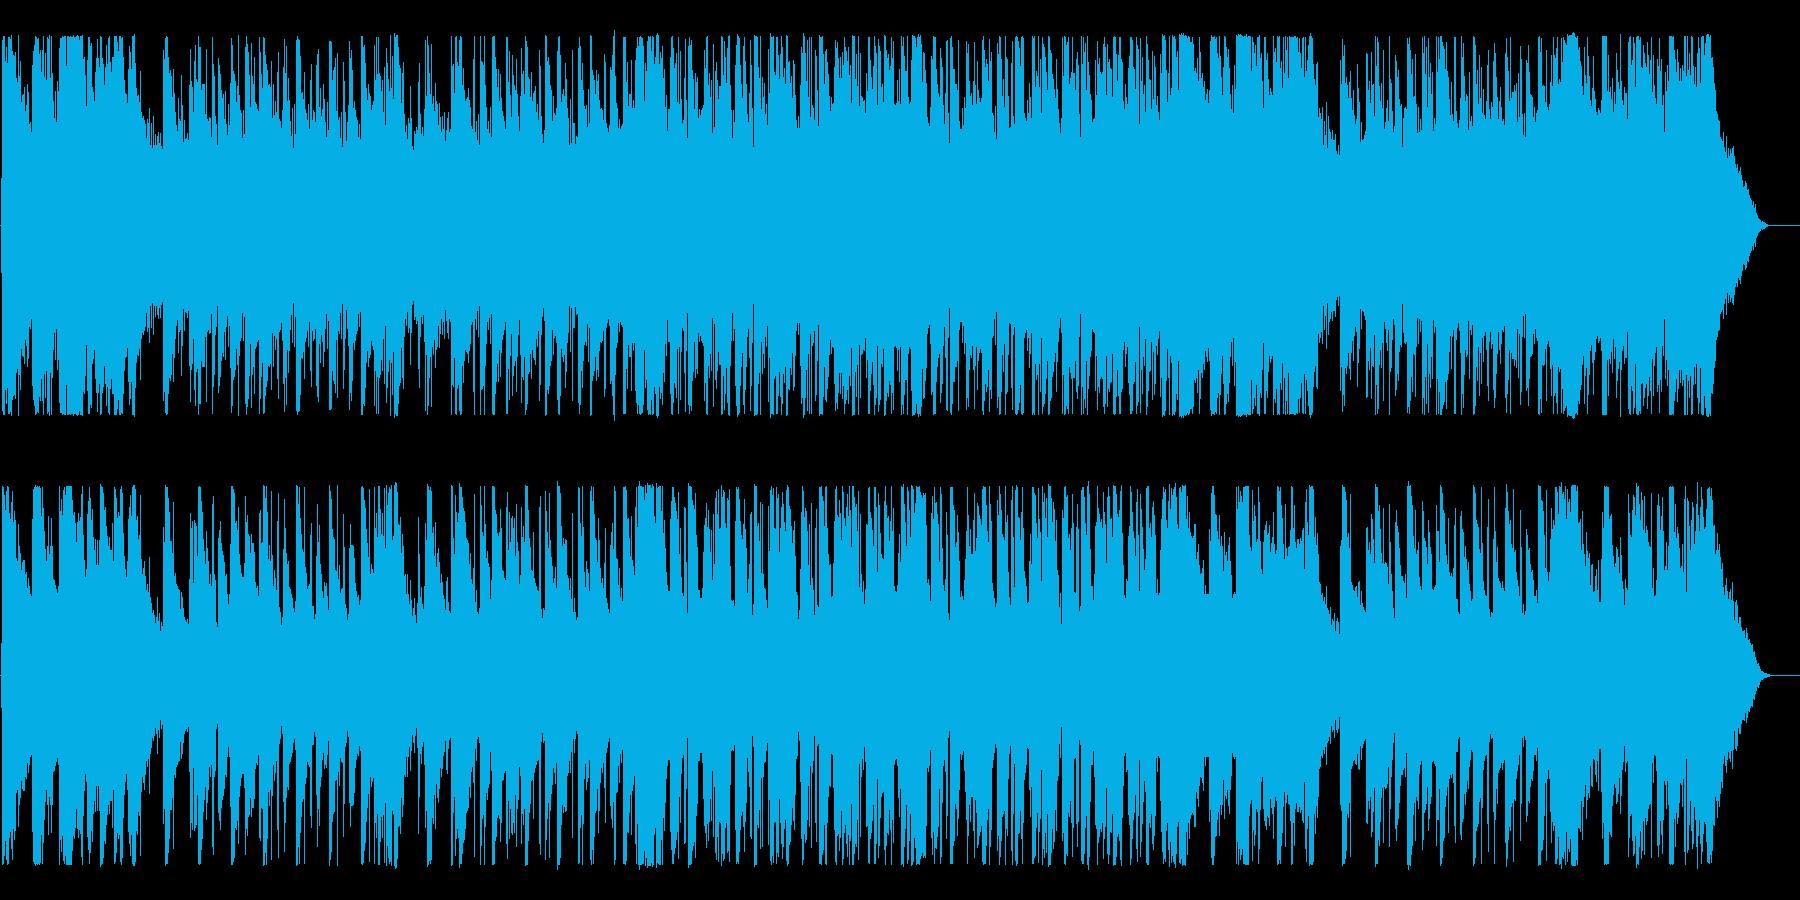 感動的で広がりを感じるBGMの再生済みの波形